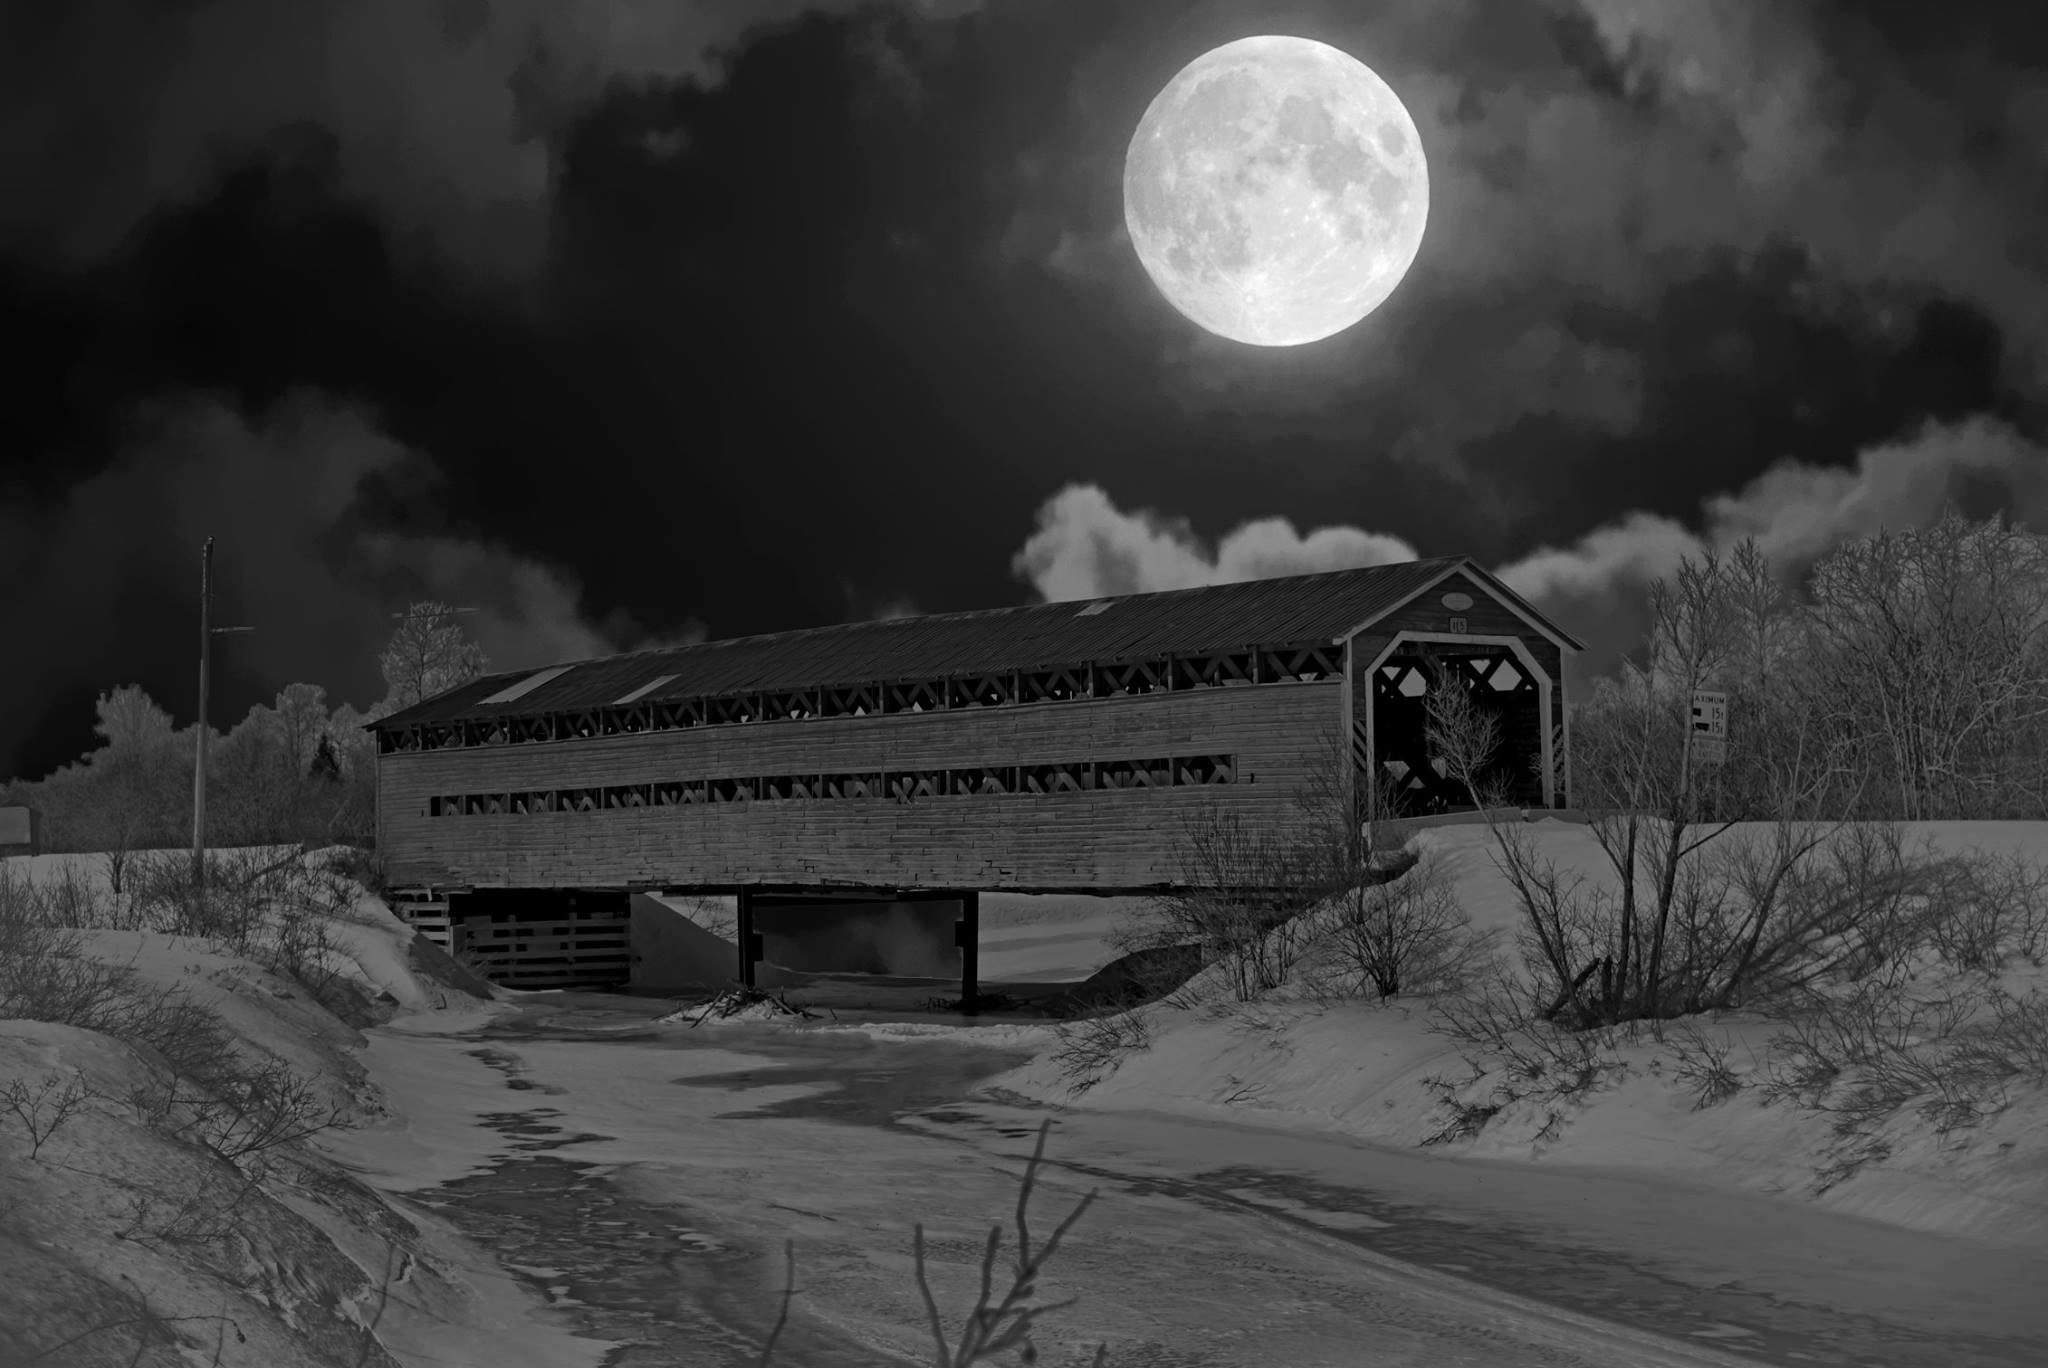 Par un soir de pleine lune au pont de l arche de no - Date pleine lune octobre 2017 ...